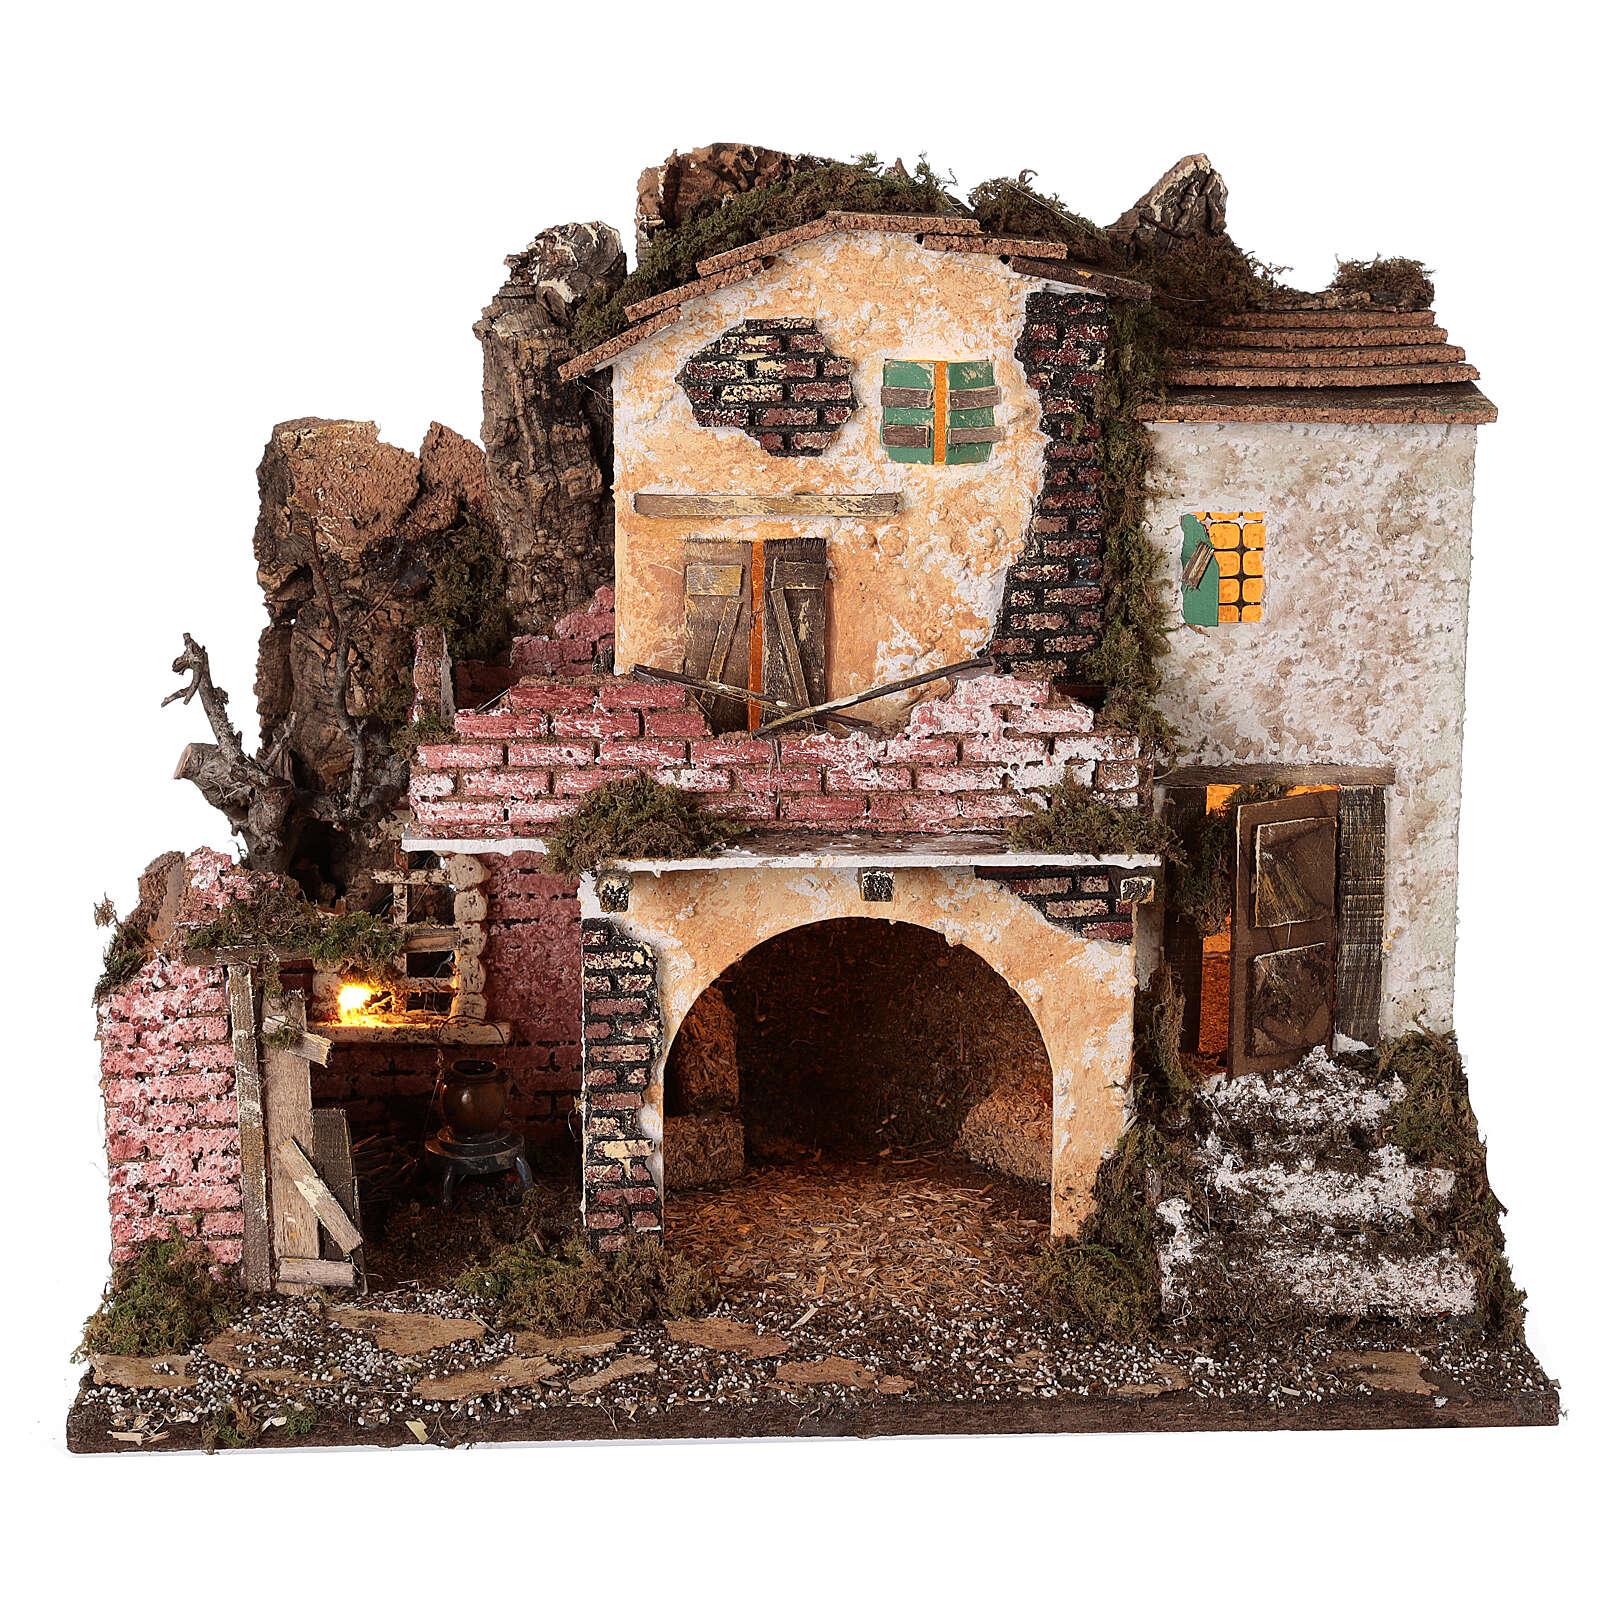 Village porche maçonnerie éclairage et feu 40x45x30 cm Nativité 10 cm 4